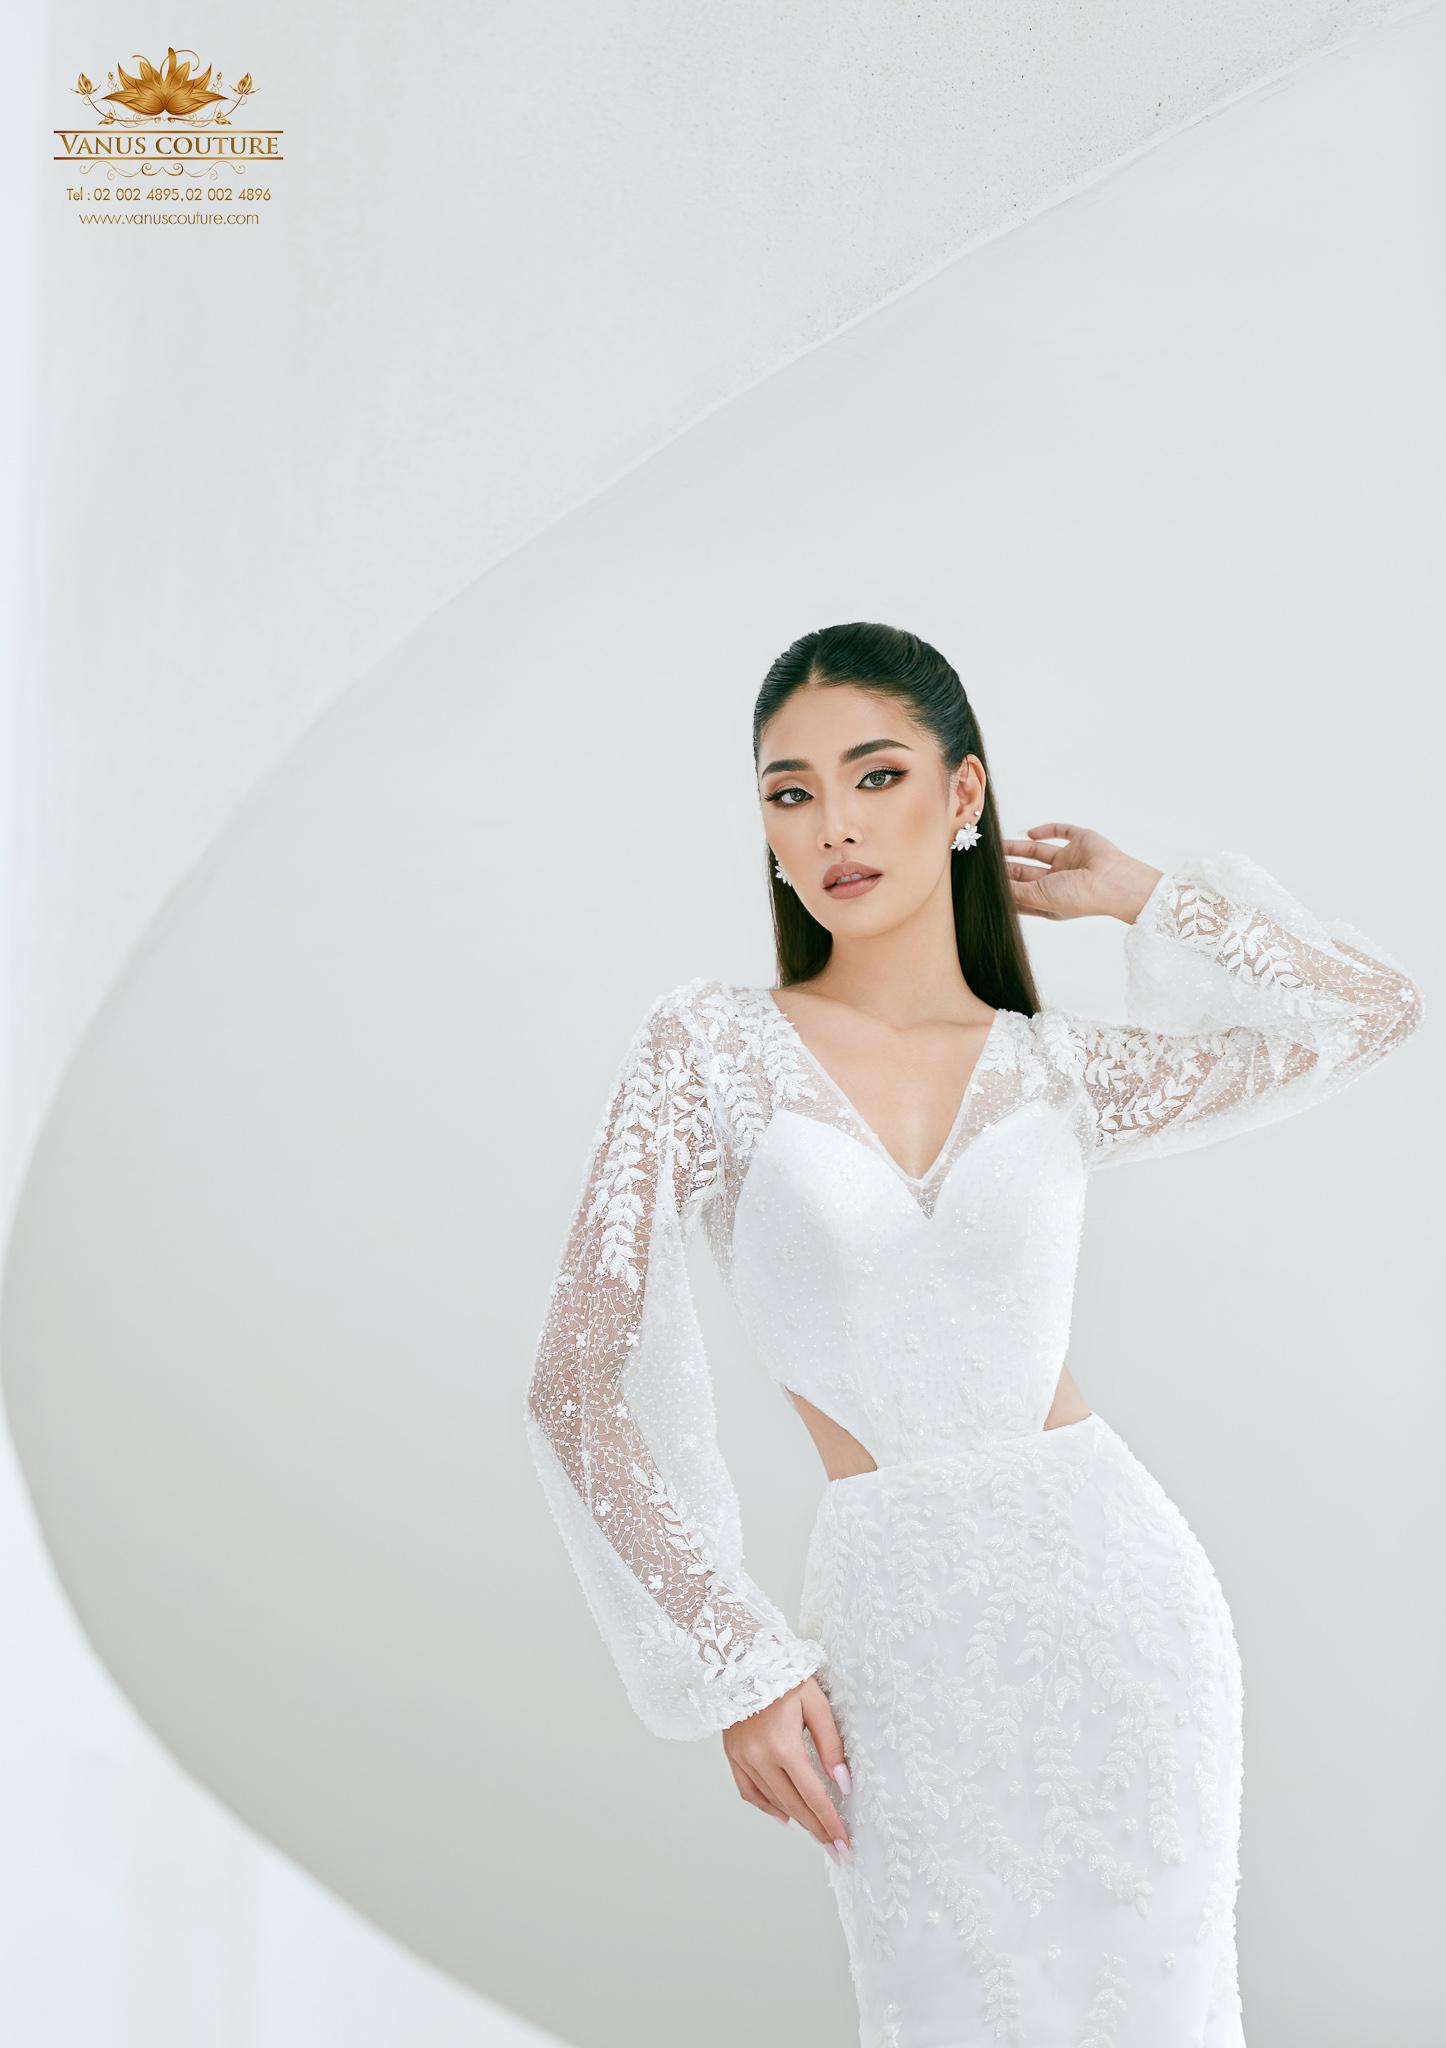 Minimal Wedding Dress - Zorzo 04